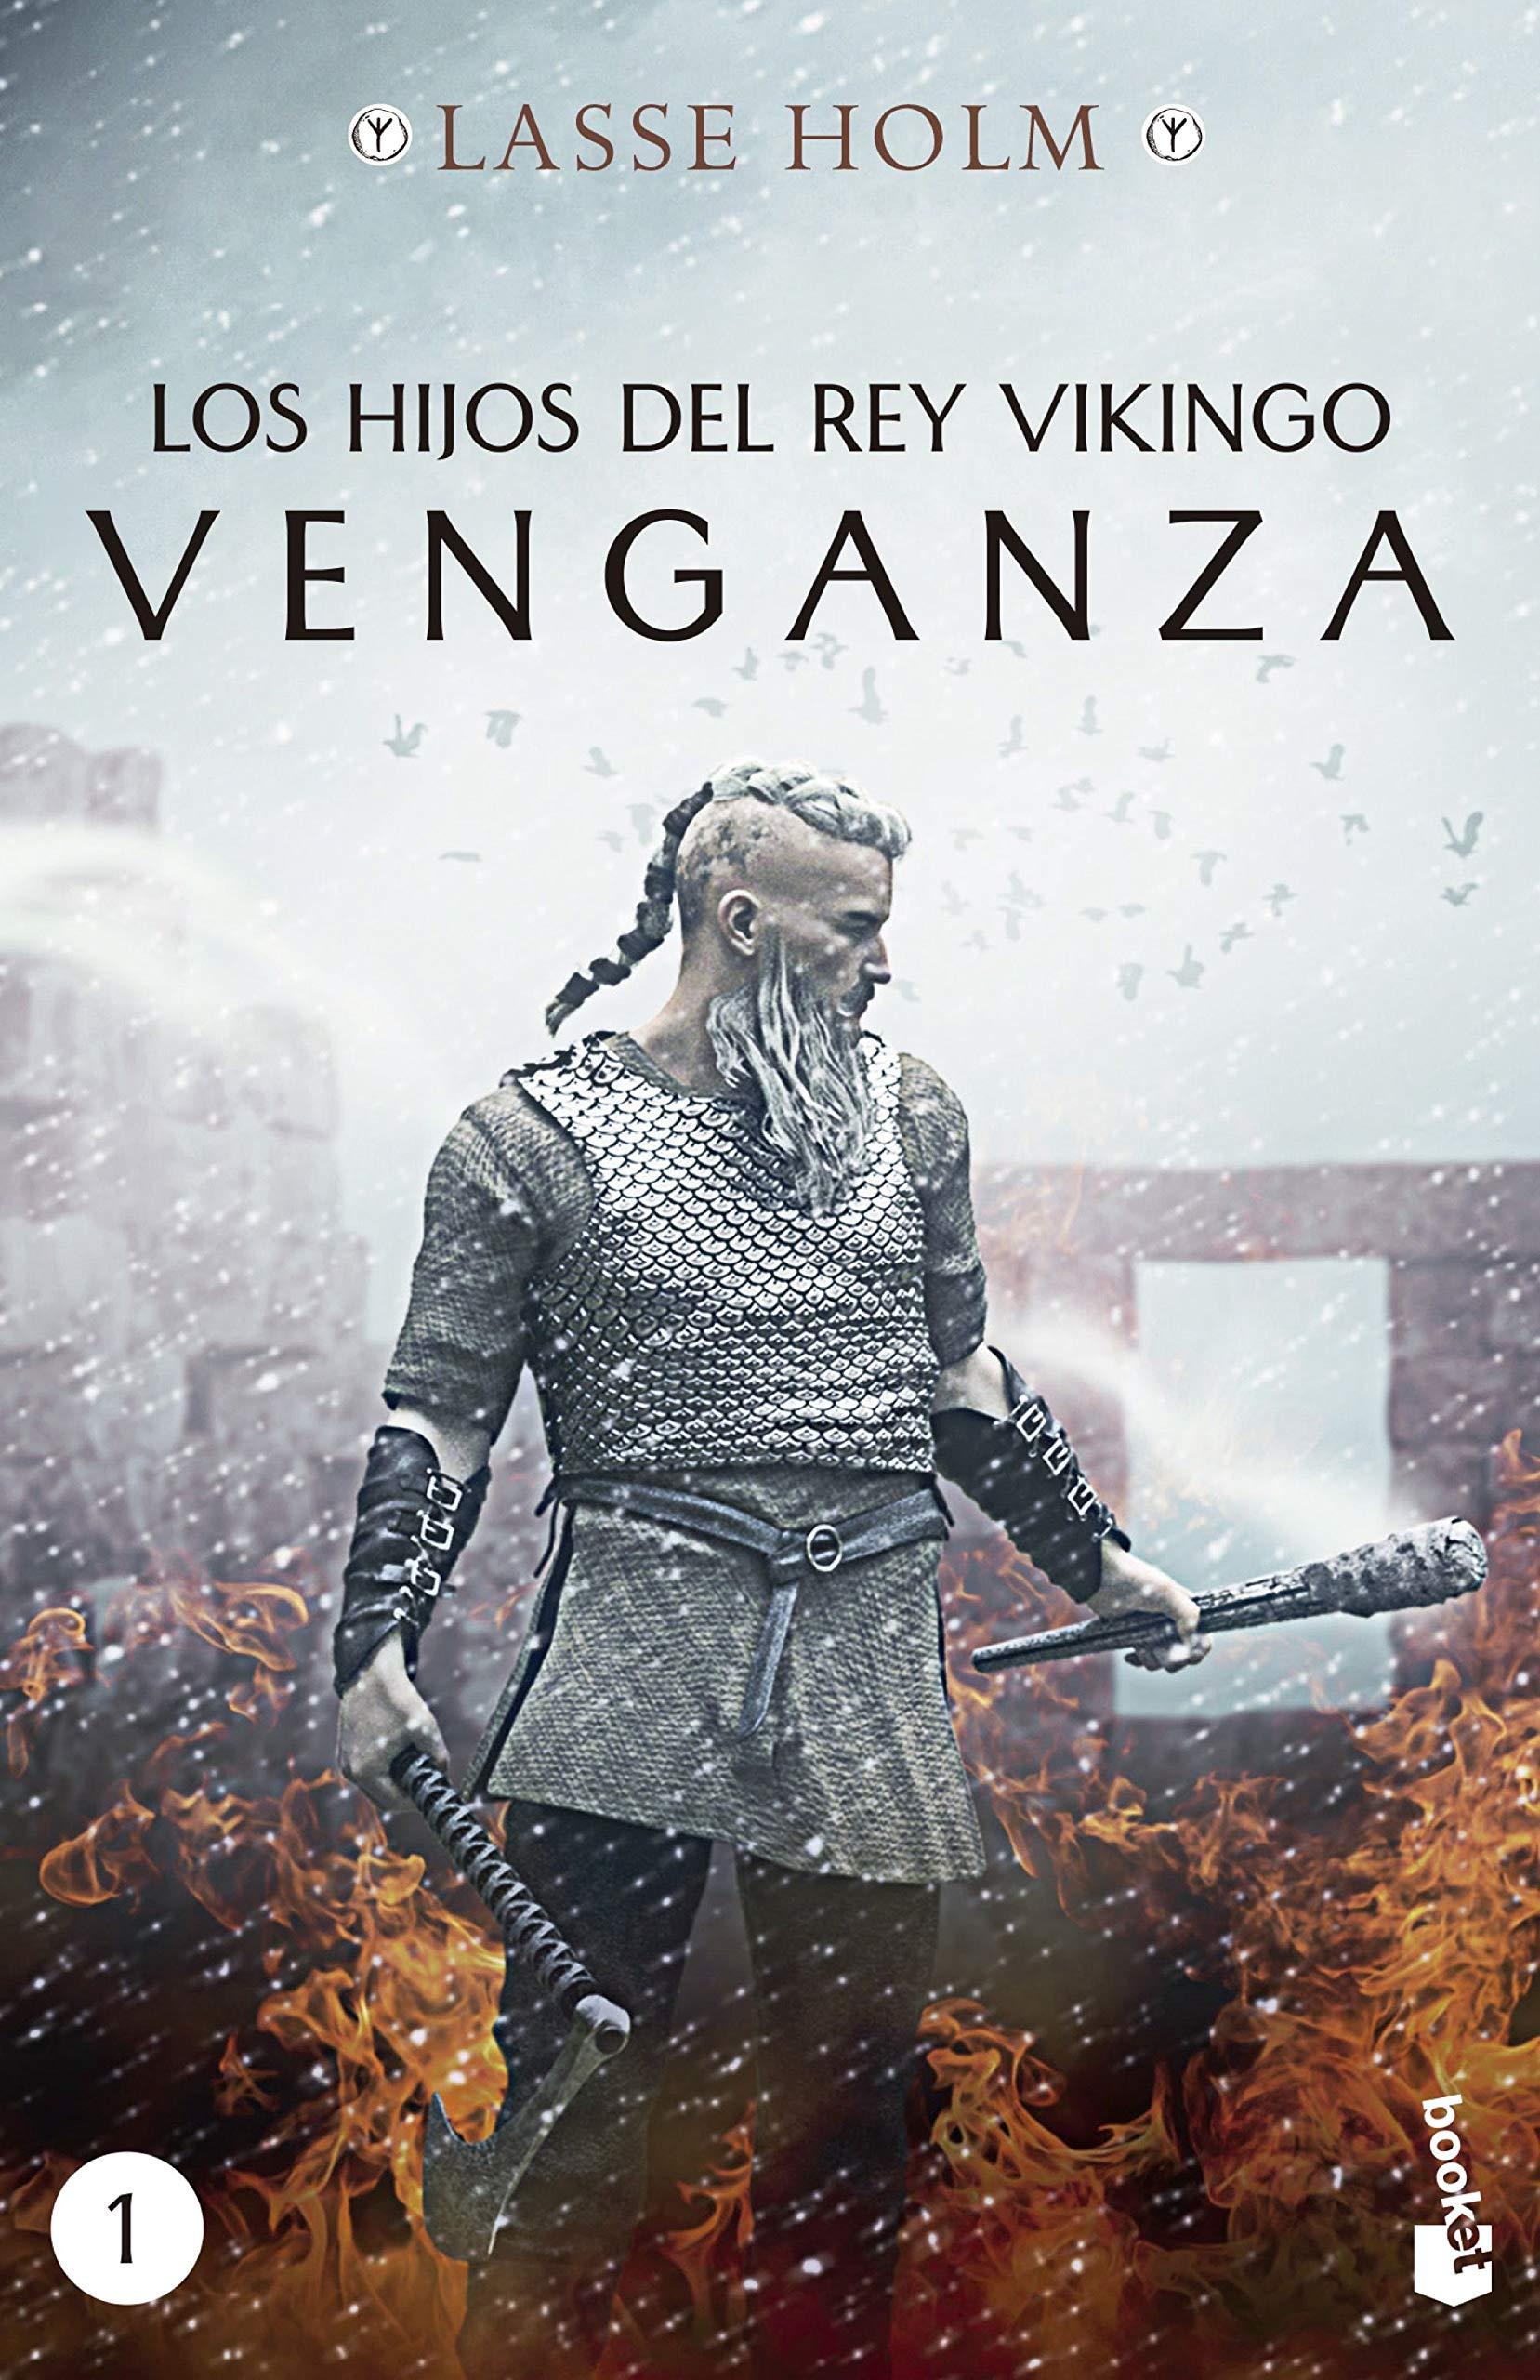 Los hijos del rey vikingo. Venganza Novela histórica: Amazon.es: Holm, Lasse, Alonso Blanco, Victoria, Crespo Arce, Rodrigo: Libros